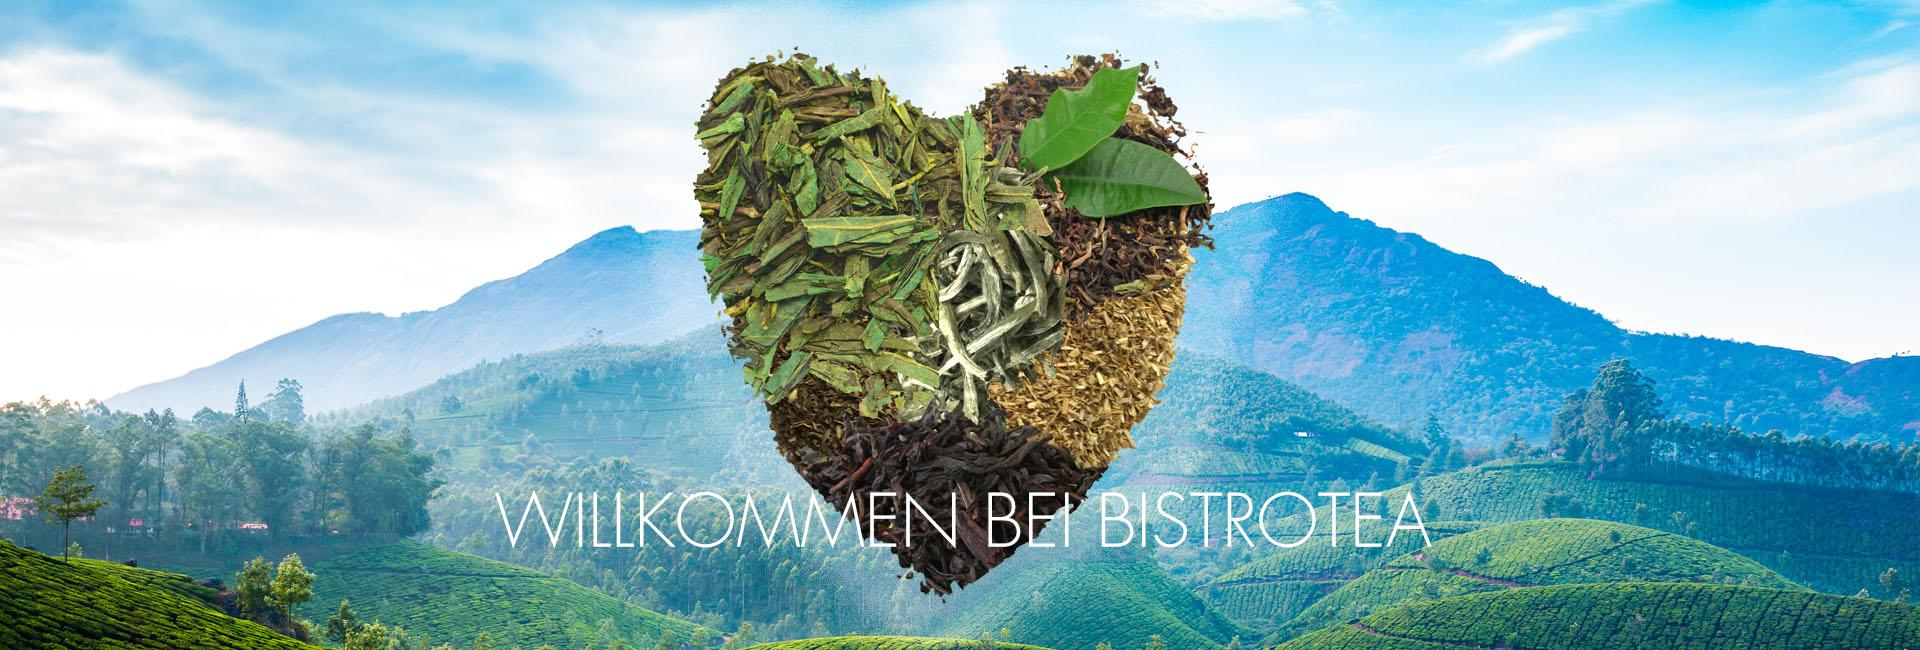 banner-bistrotea-willkommen